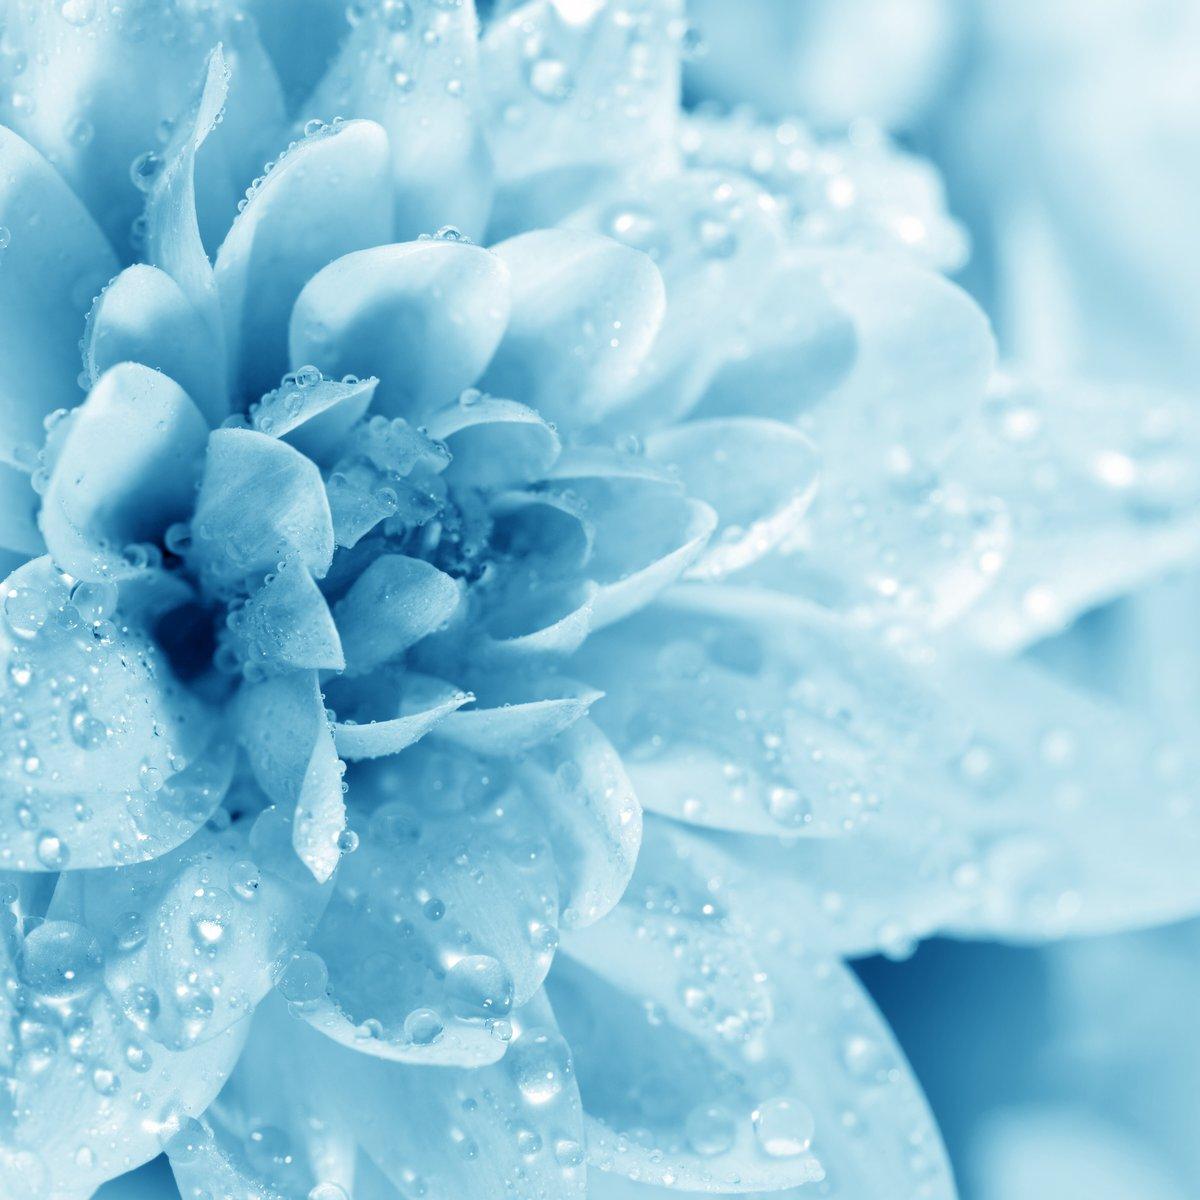 Постер Хризантемы Красивые синие цветы с каплямиХризантемы<br>Постер на холсте или бумаге. Любого нужного вам размера. В раме или без. Подвес в комплекте. Трехслойная надежная упаковка. Доставим в любую точку России. Вам осталось только повесить картину на стену!<br>